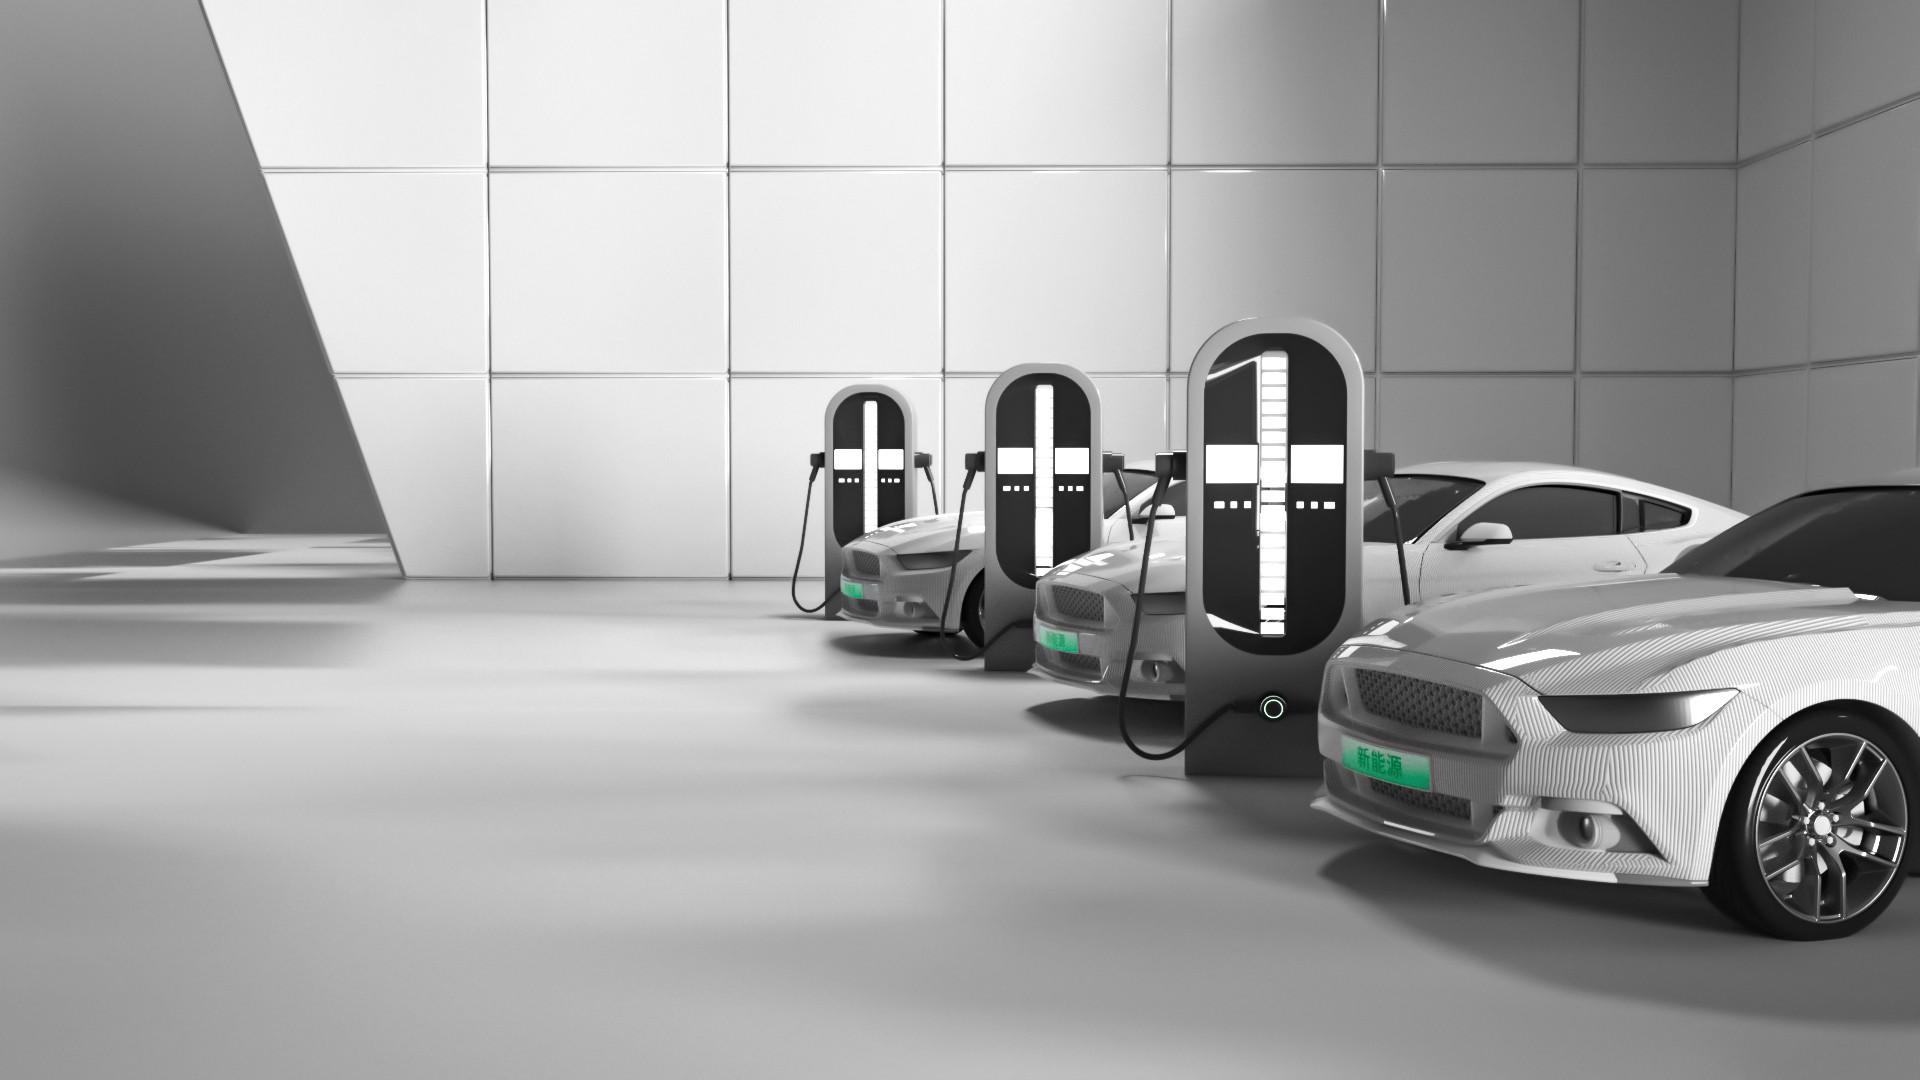 新能源车离抗衡燃油车还有多远?